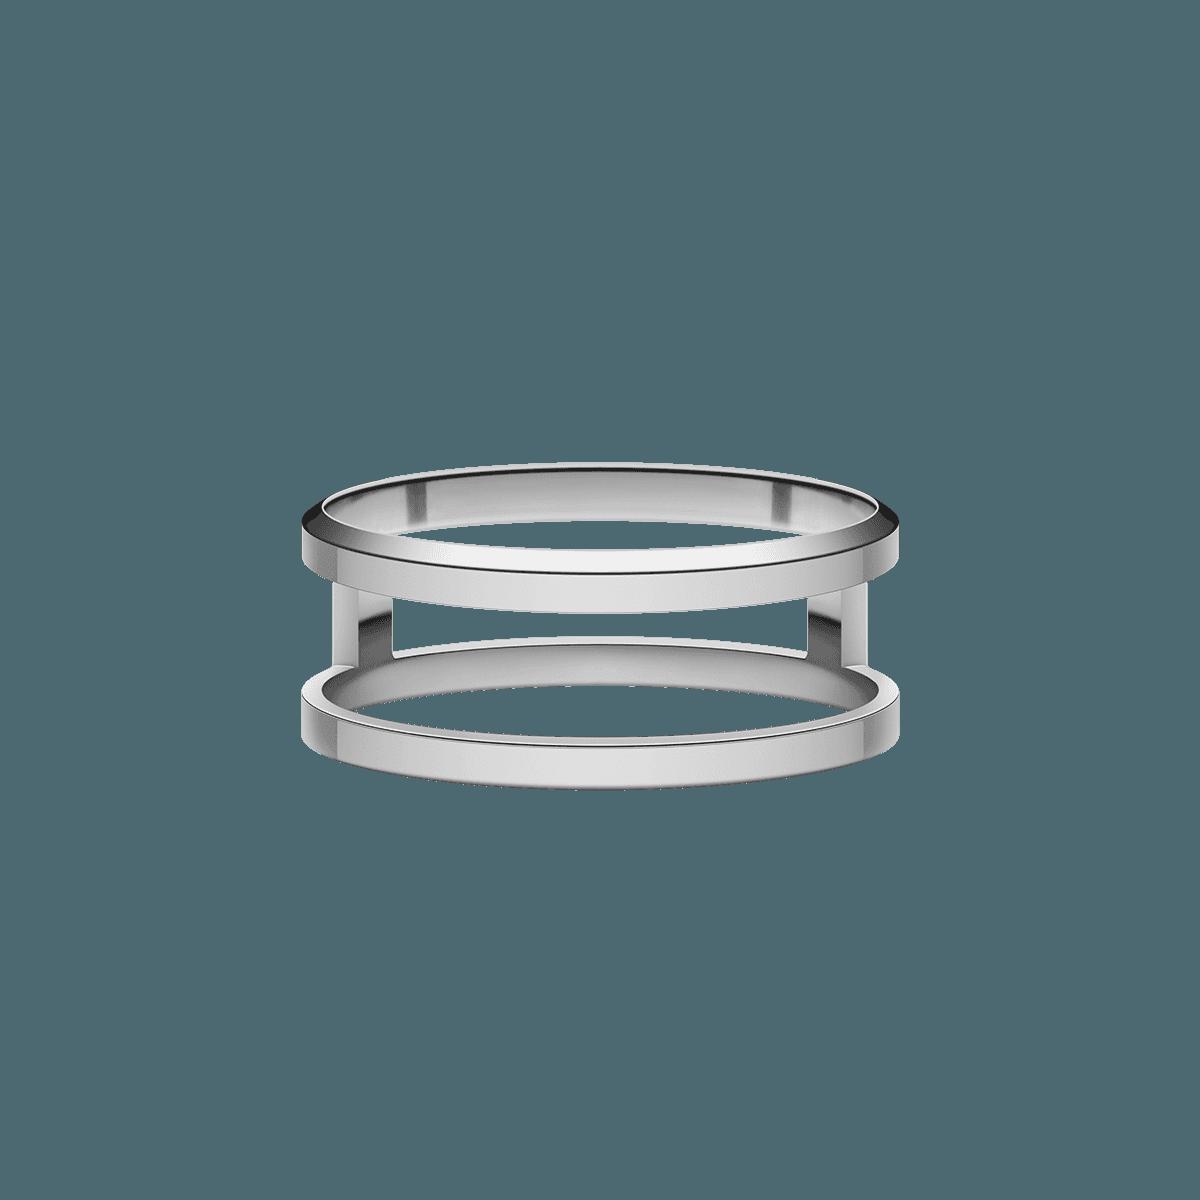 Elan Dual Ring Silver 60